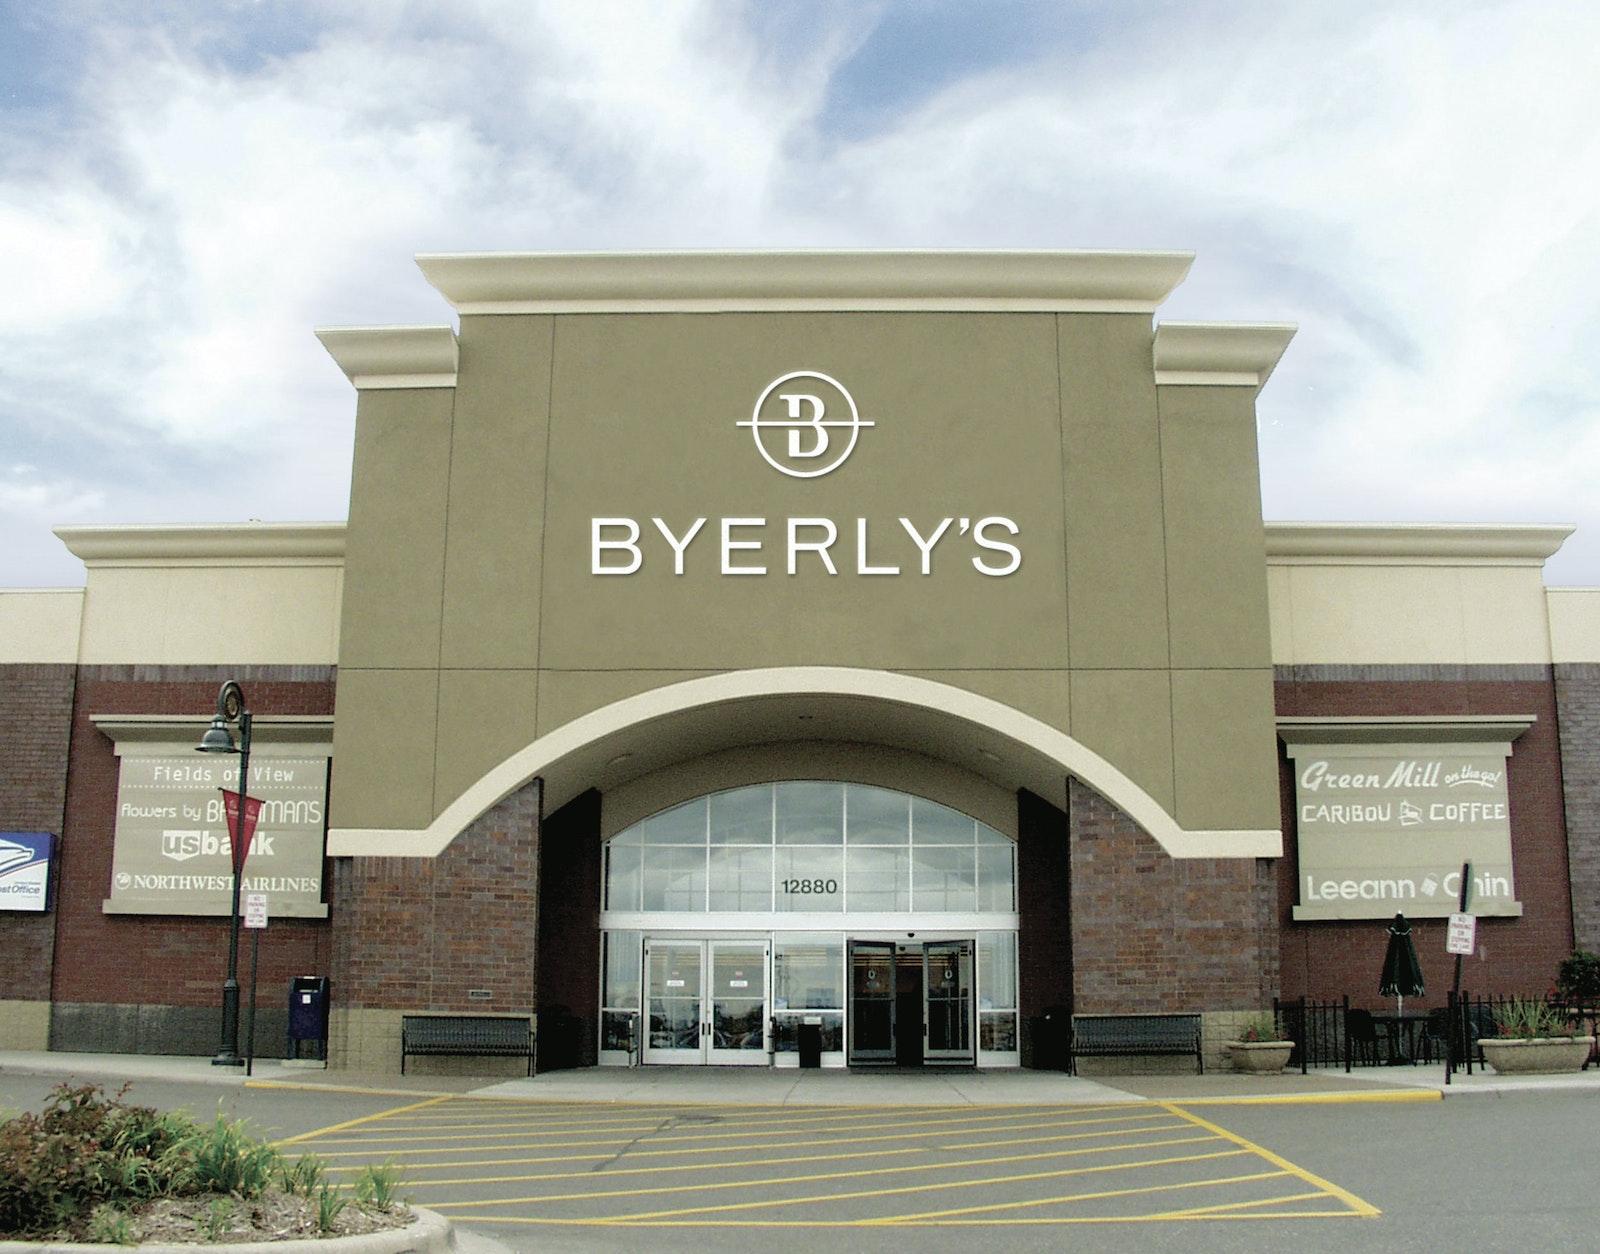 Byerlys Signage C